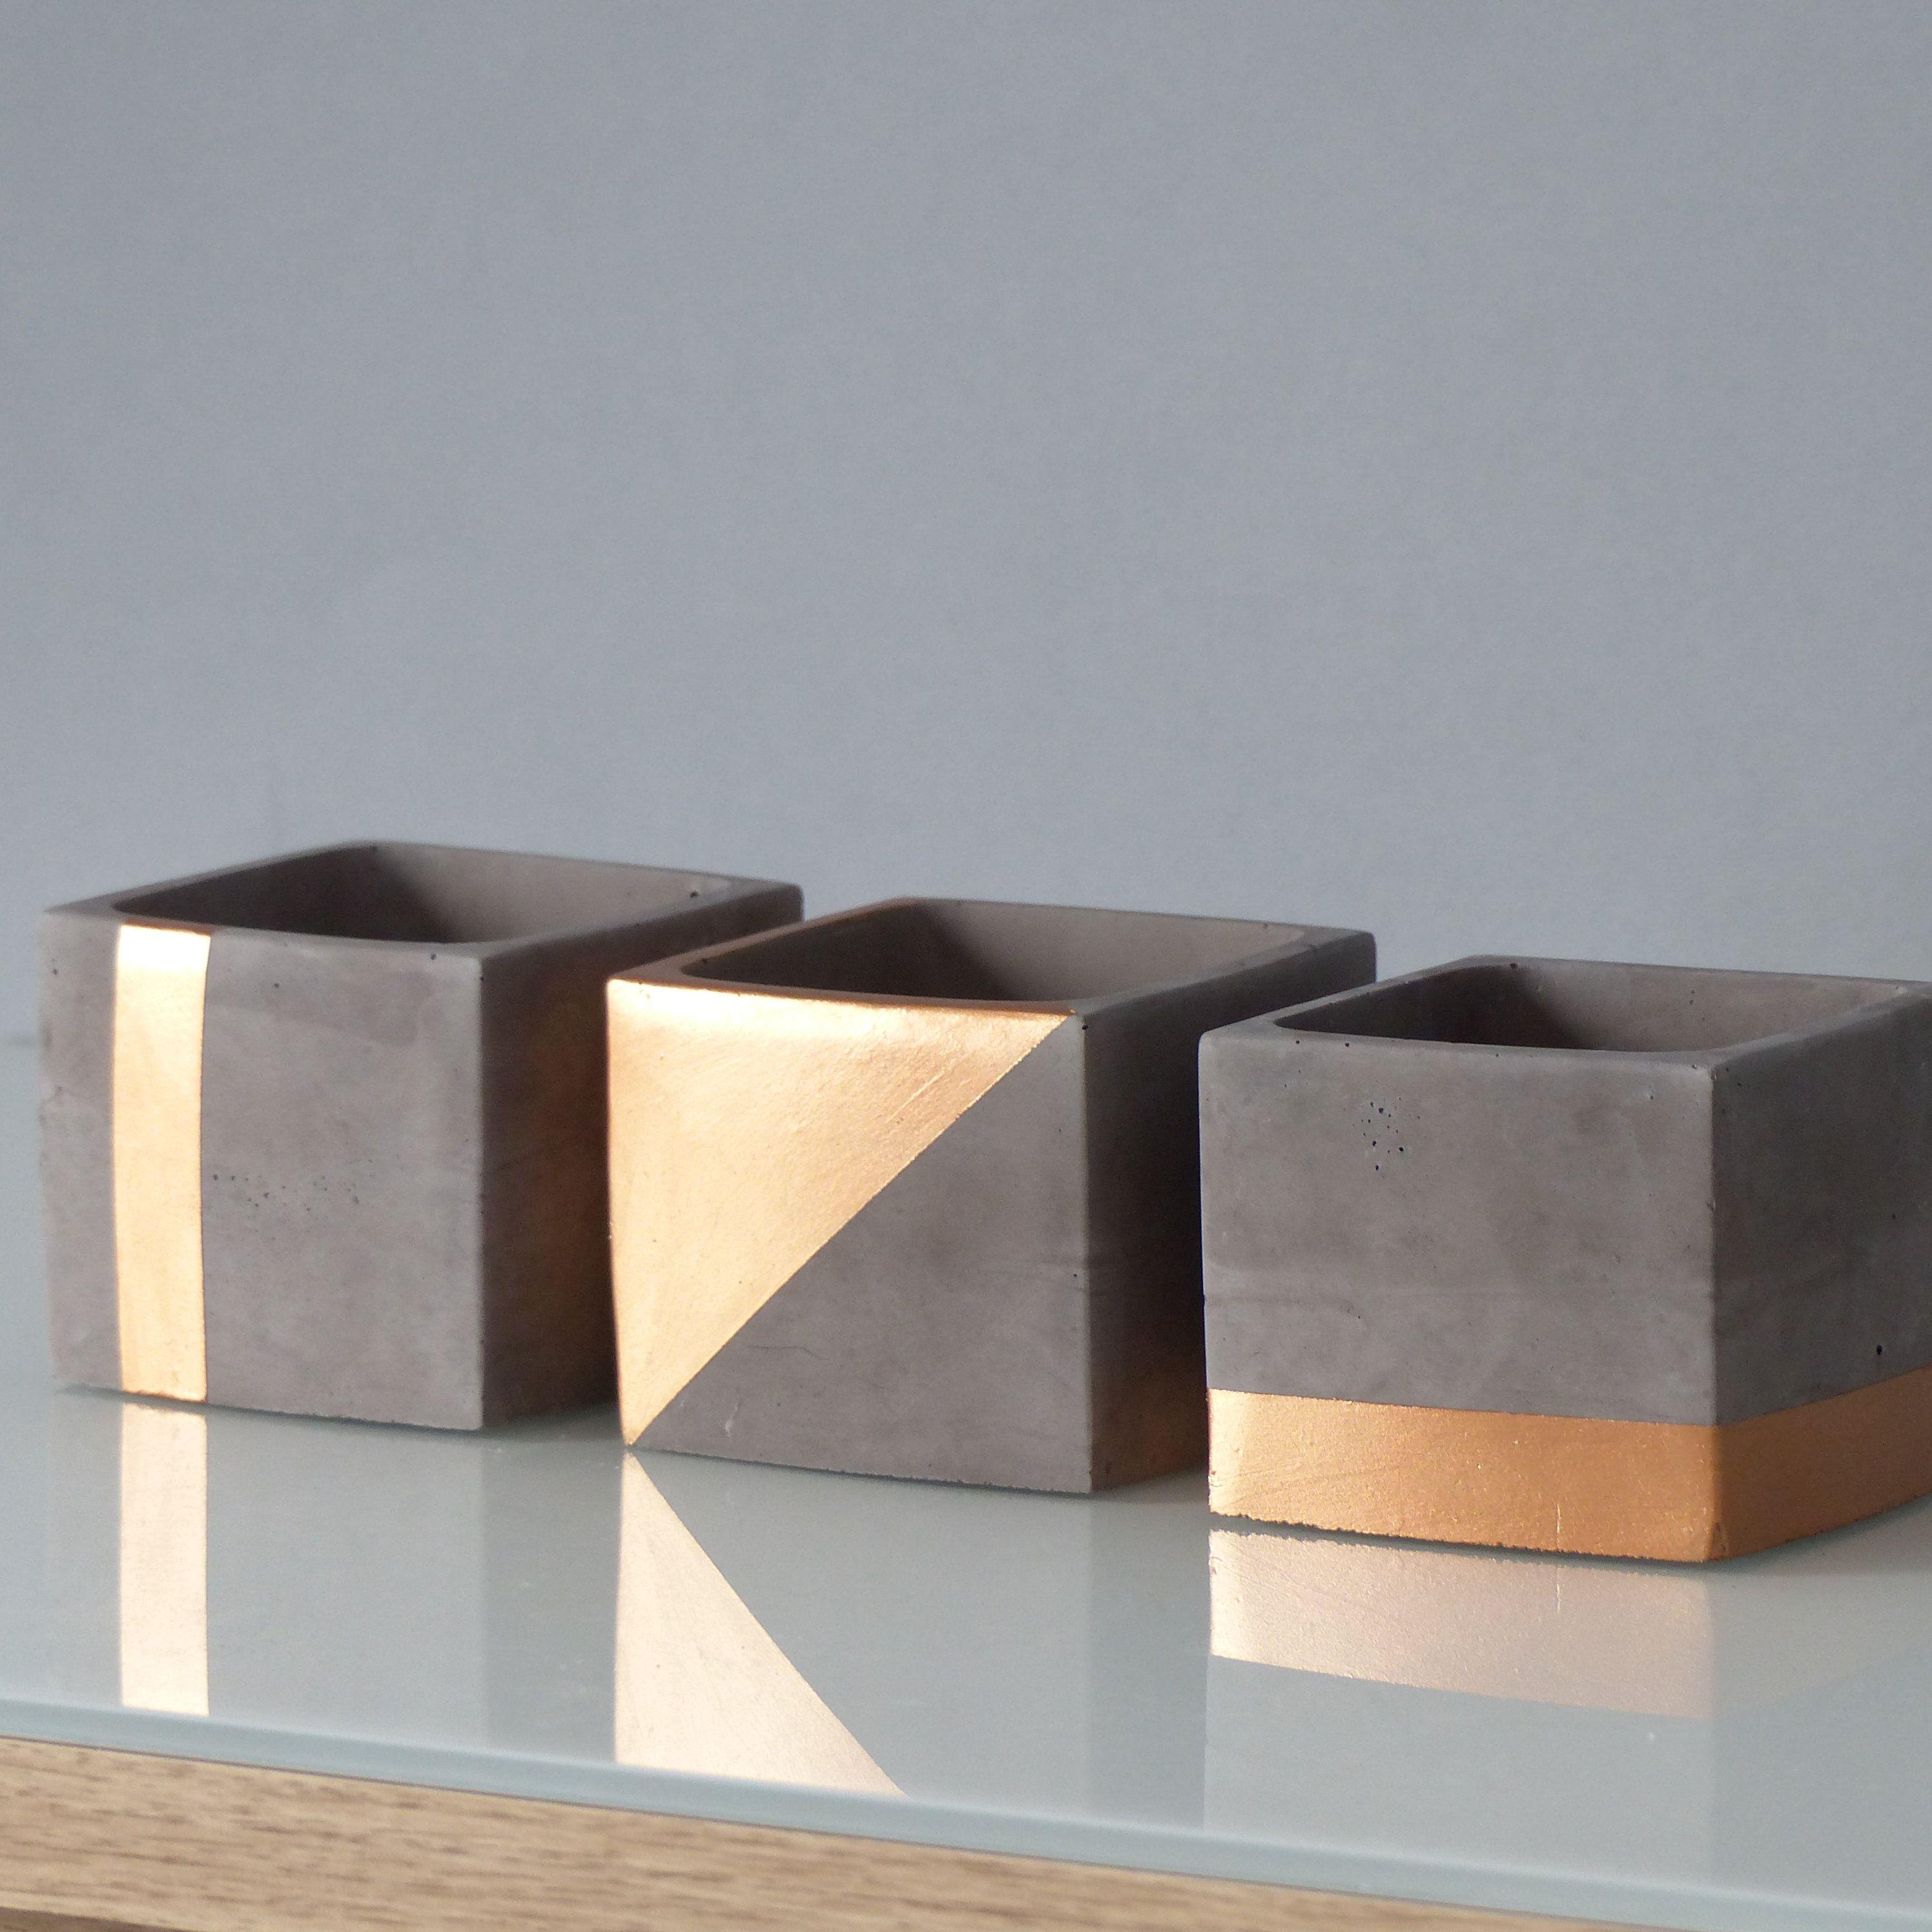 Atelier Ideco Trio Of Copper Concrete Planters With Drainage Holes Concrete Diy Concrete Crafts Concrete Planters